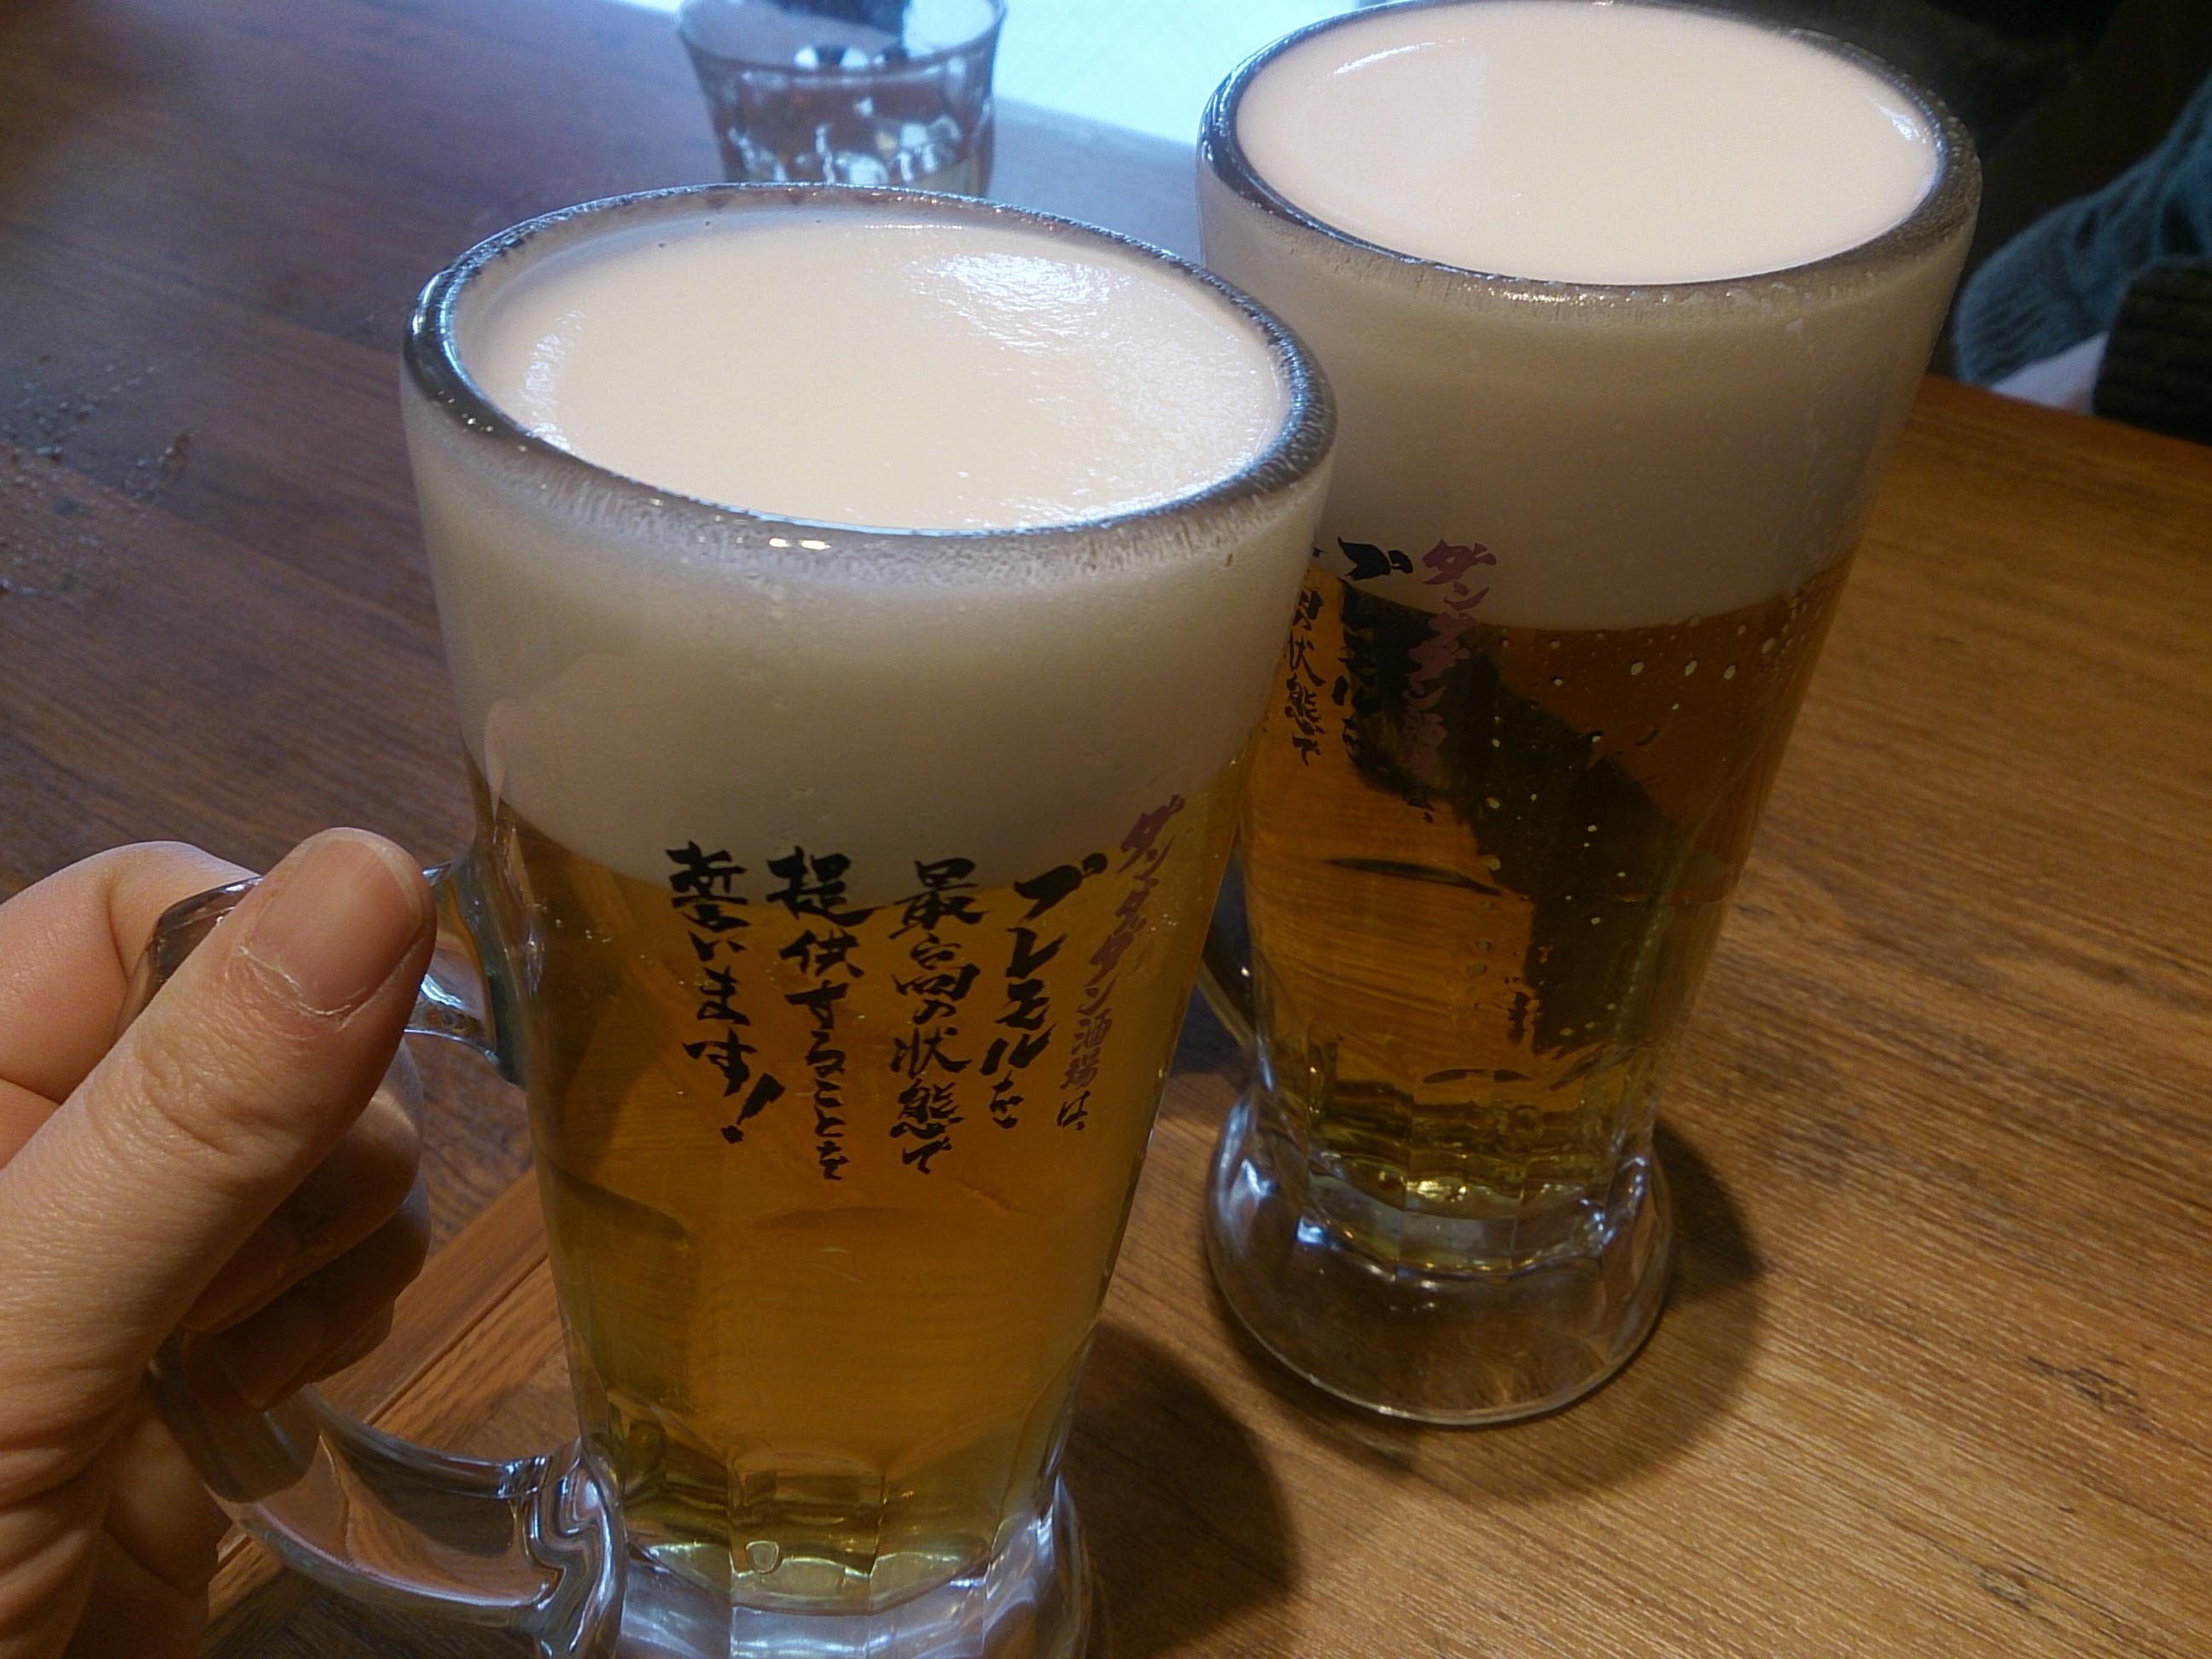 調布「肉汁餃子製作所ダンダダン酒場」生ビール